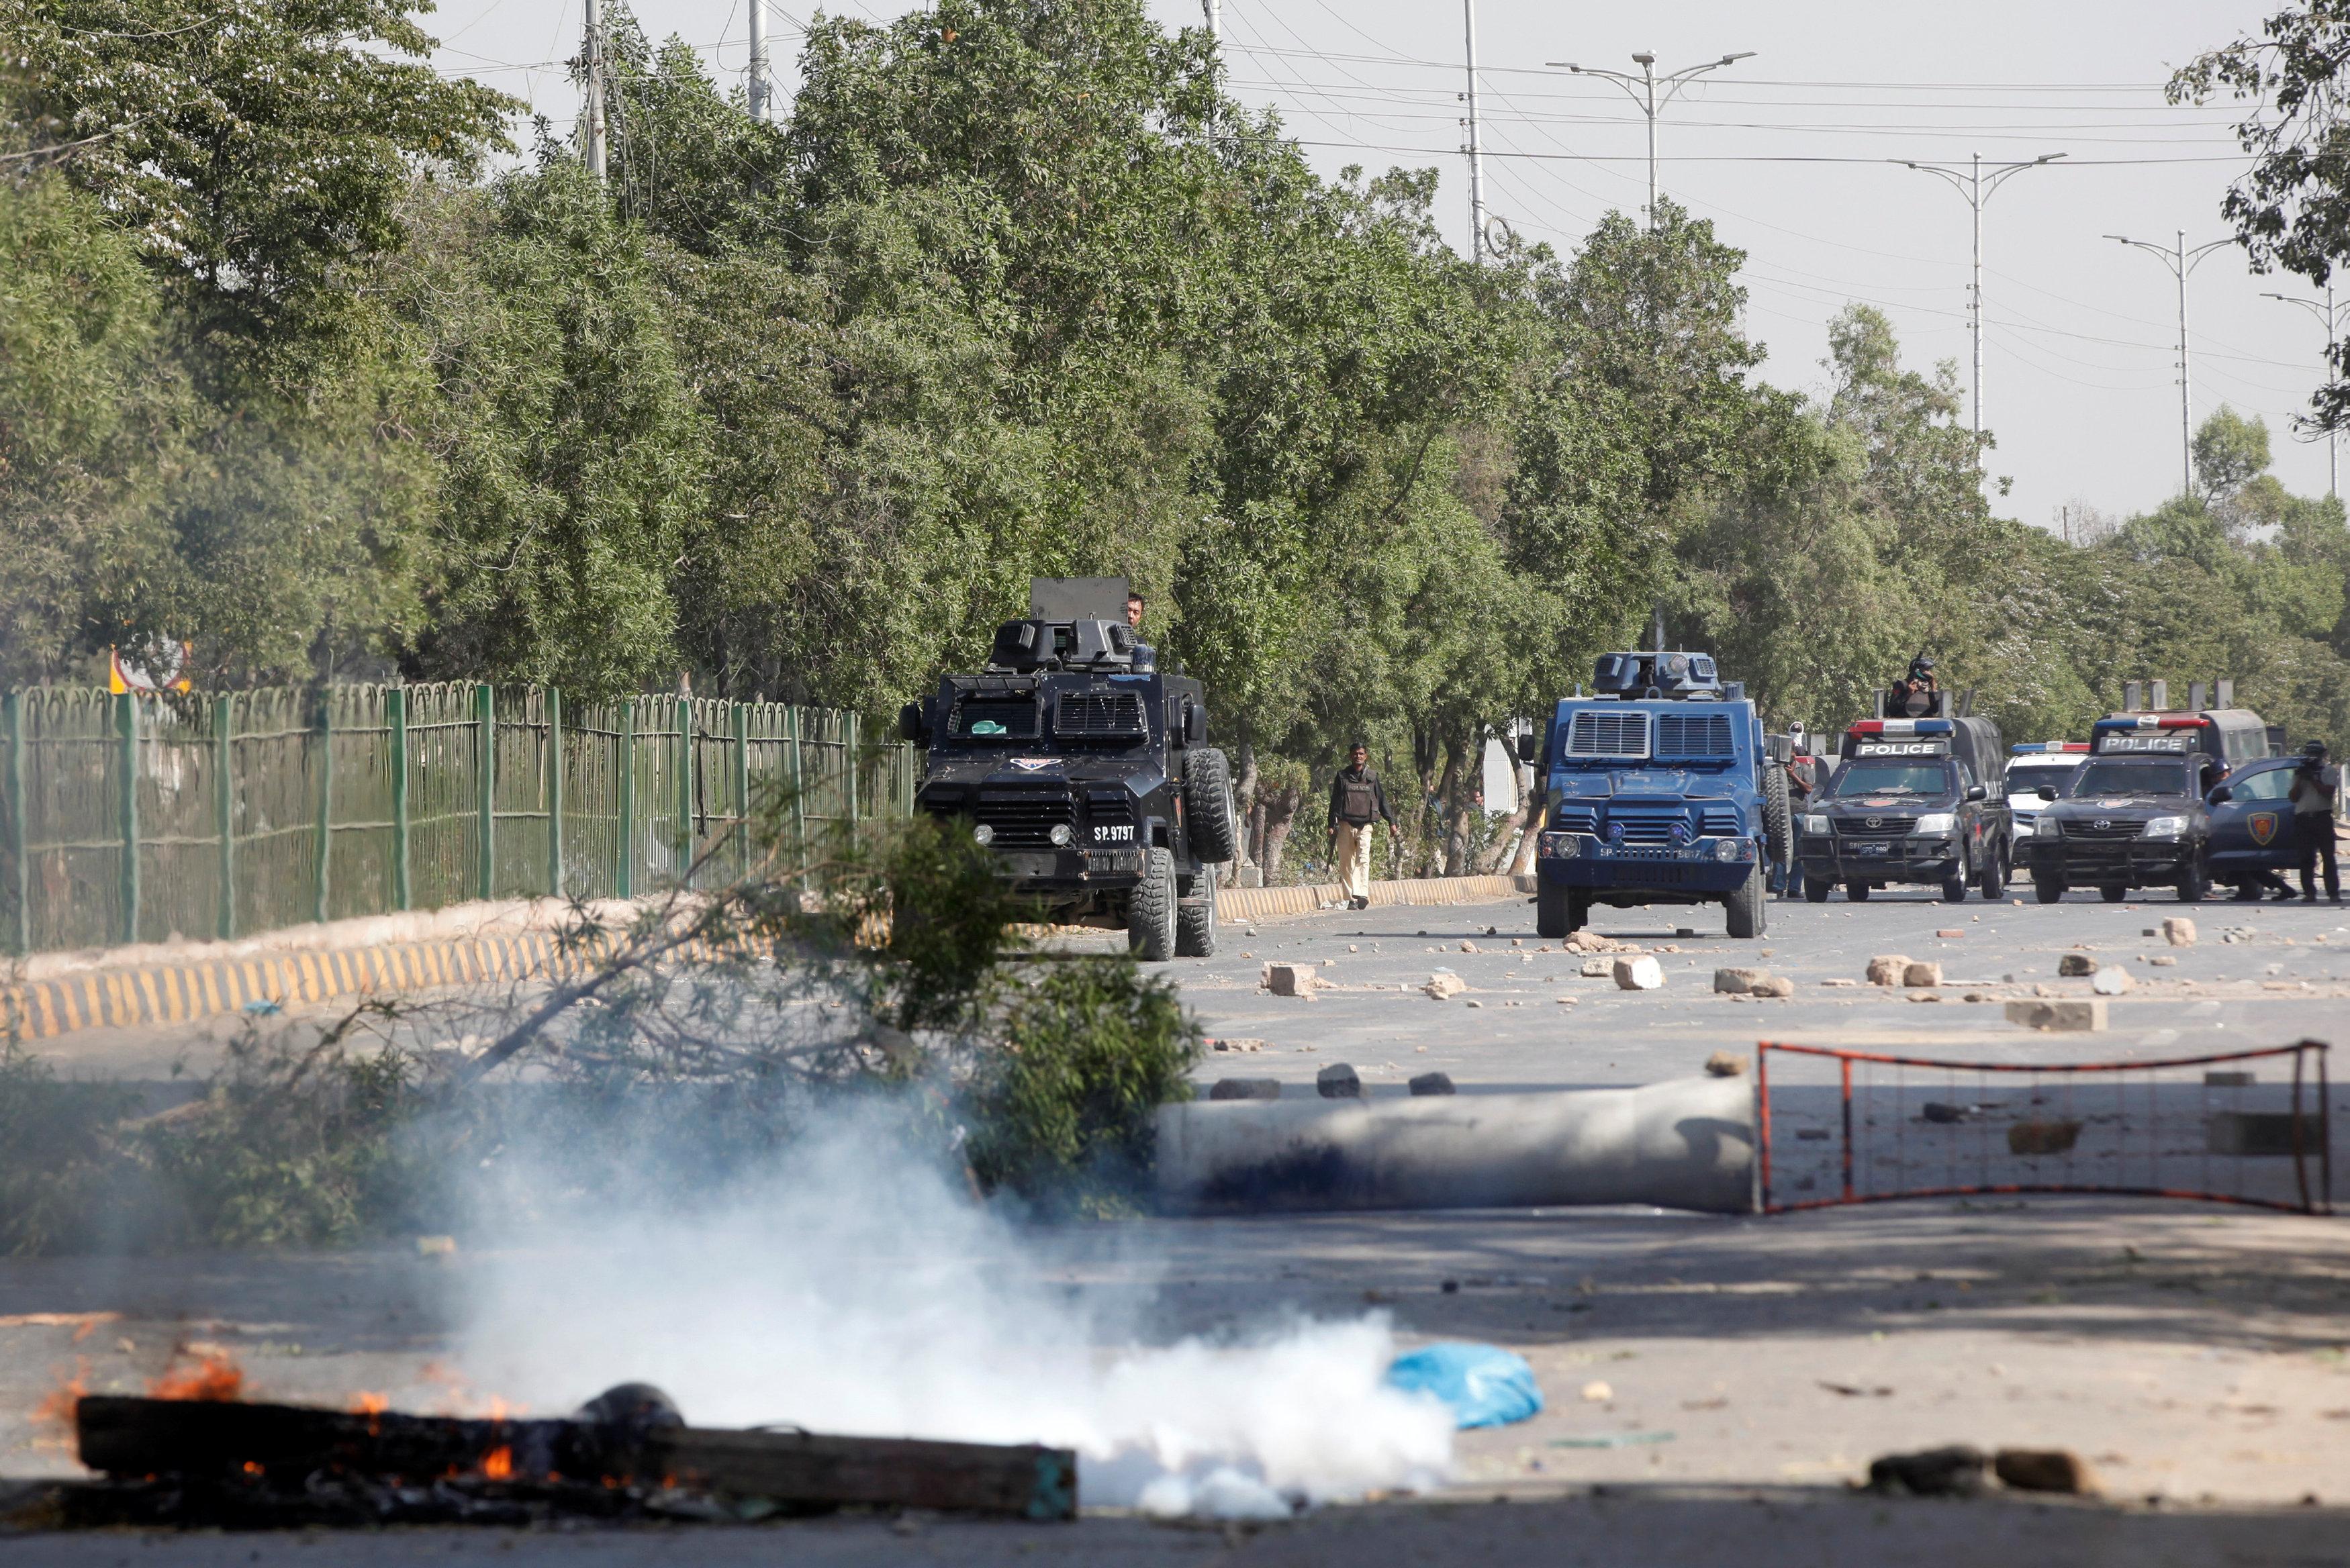 مقتل شرطي باكستاني خلال تفريق اعتصام لإسلاميين في إسلام أباد – قناة الغد